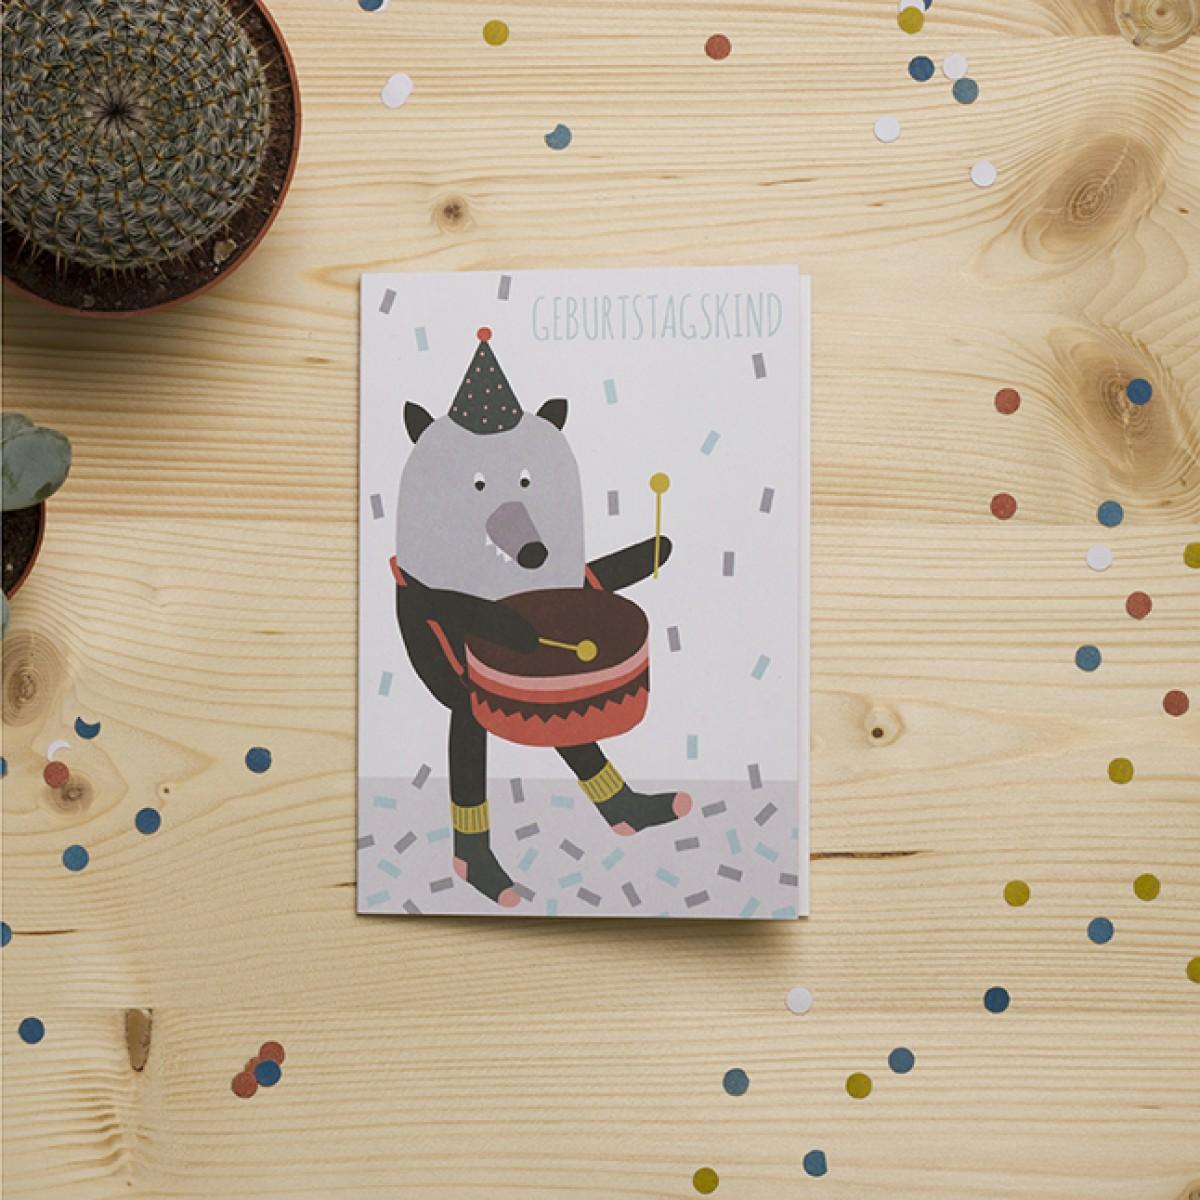 """HEJ Marlen Grußkarte """"Geburtstagskind"""" mit hochwertigem Kuvert"""